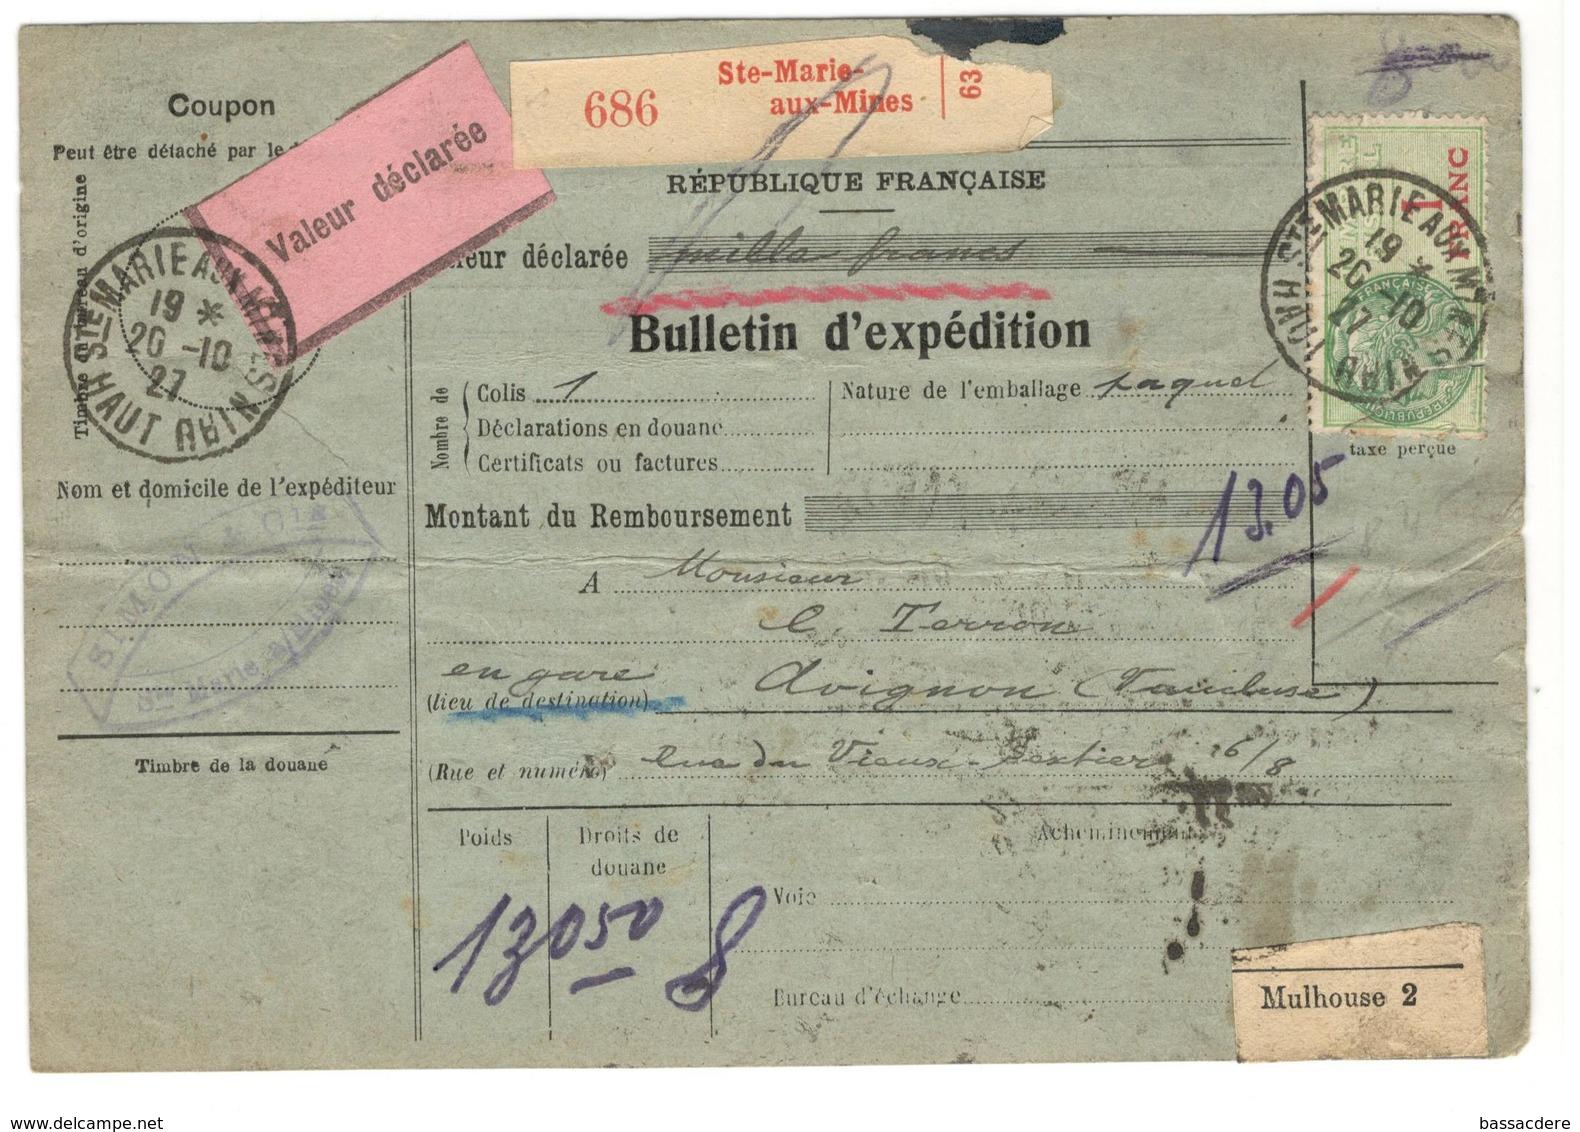 17755 - Bulletin D'expédition - Storia Postale